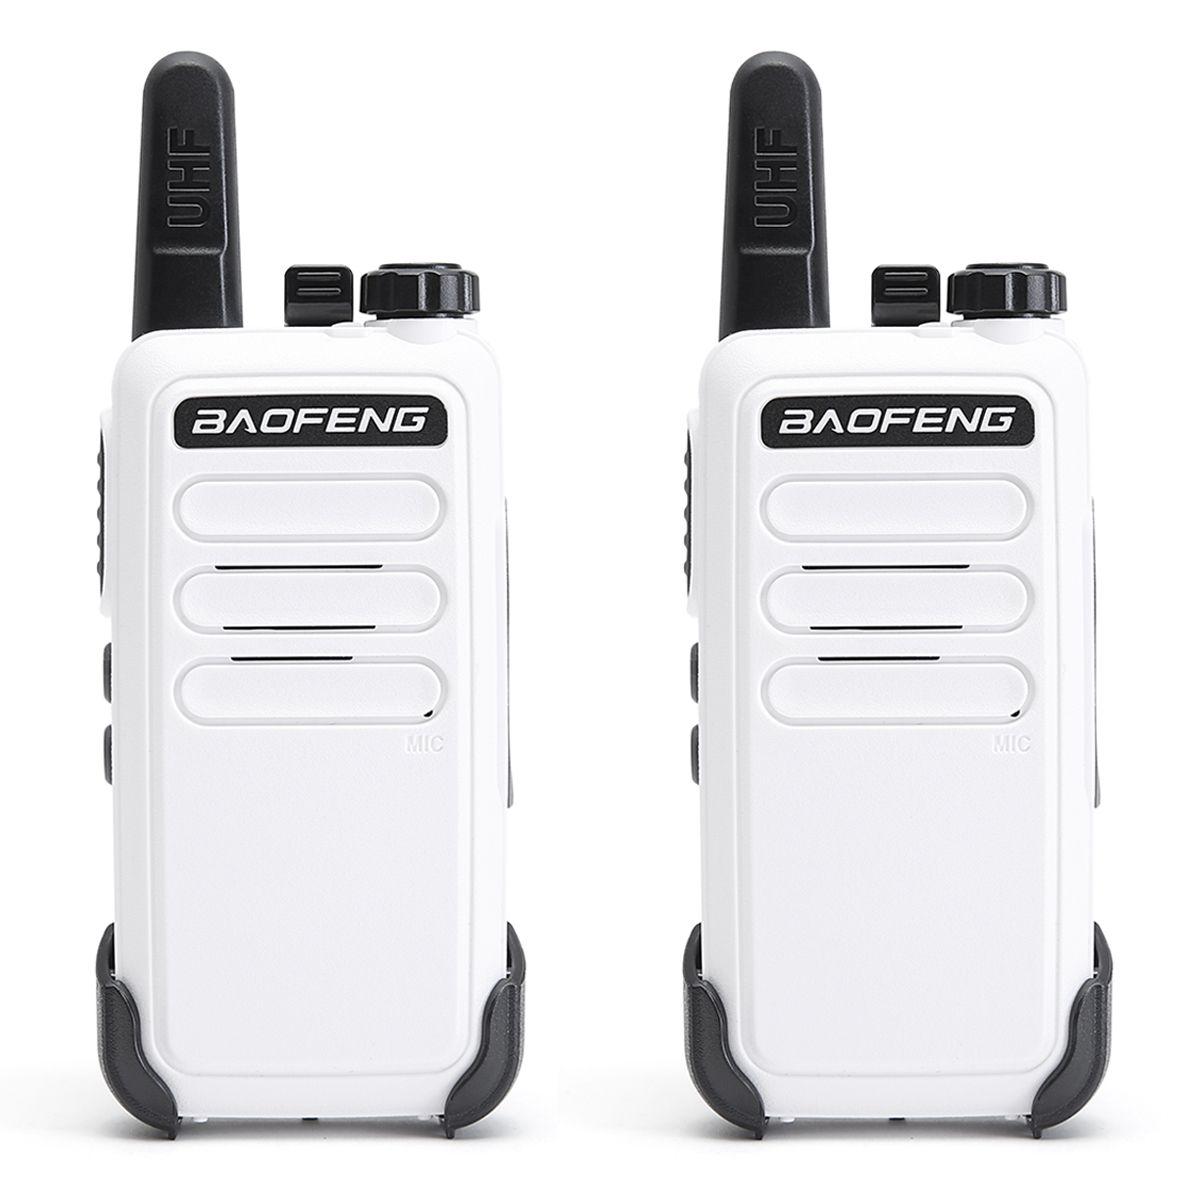 휴대용 트랜시버를 충전 2020 새로운 보풍 BF-C9 미니 무전기 400-470MHz UHF 양용 라디오 휴대용 VOX의 USB